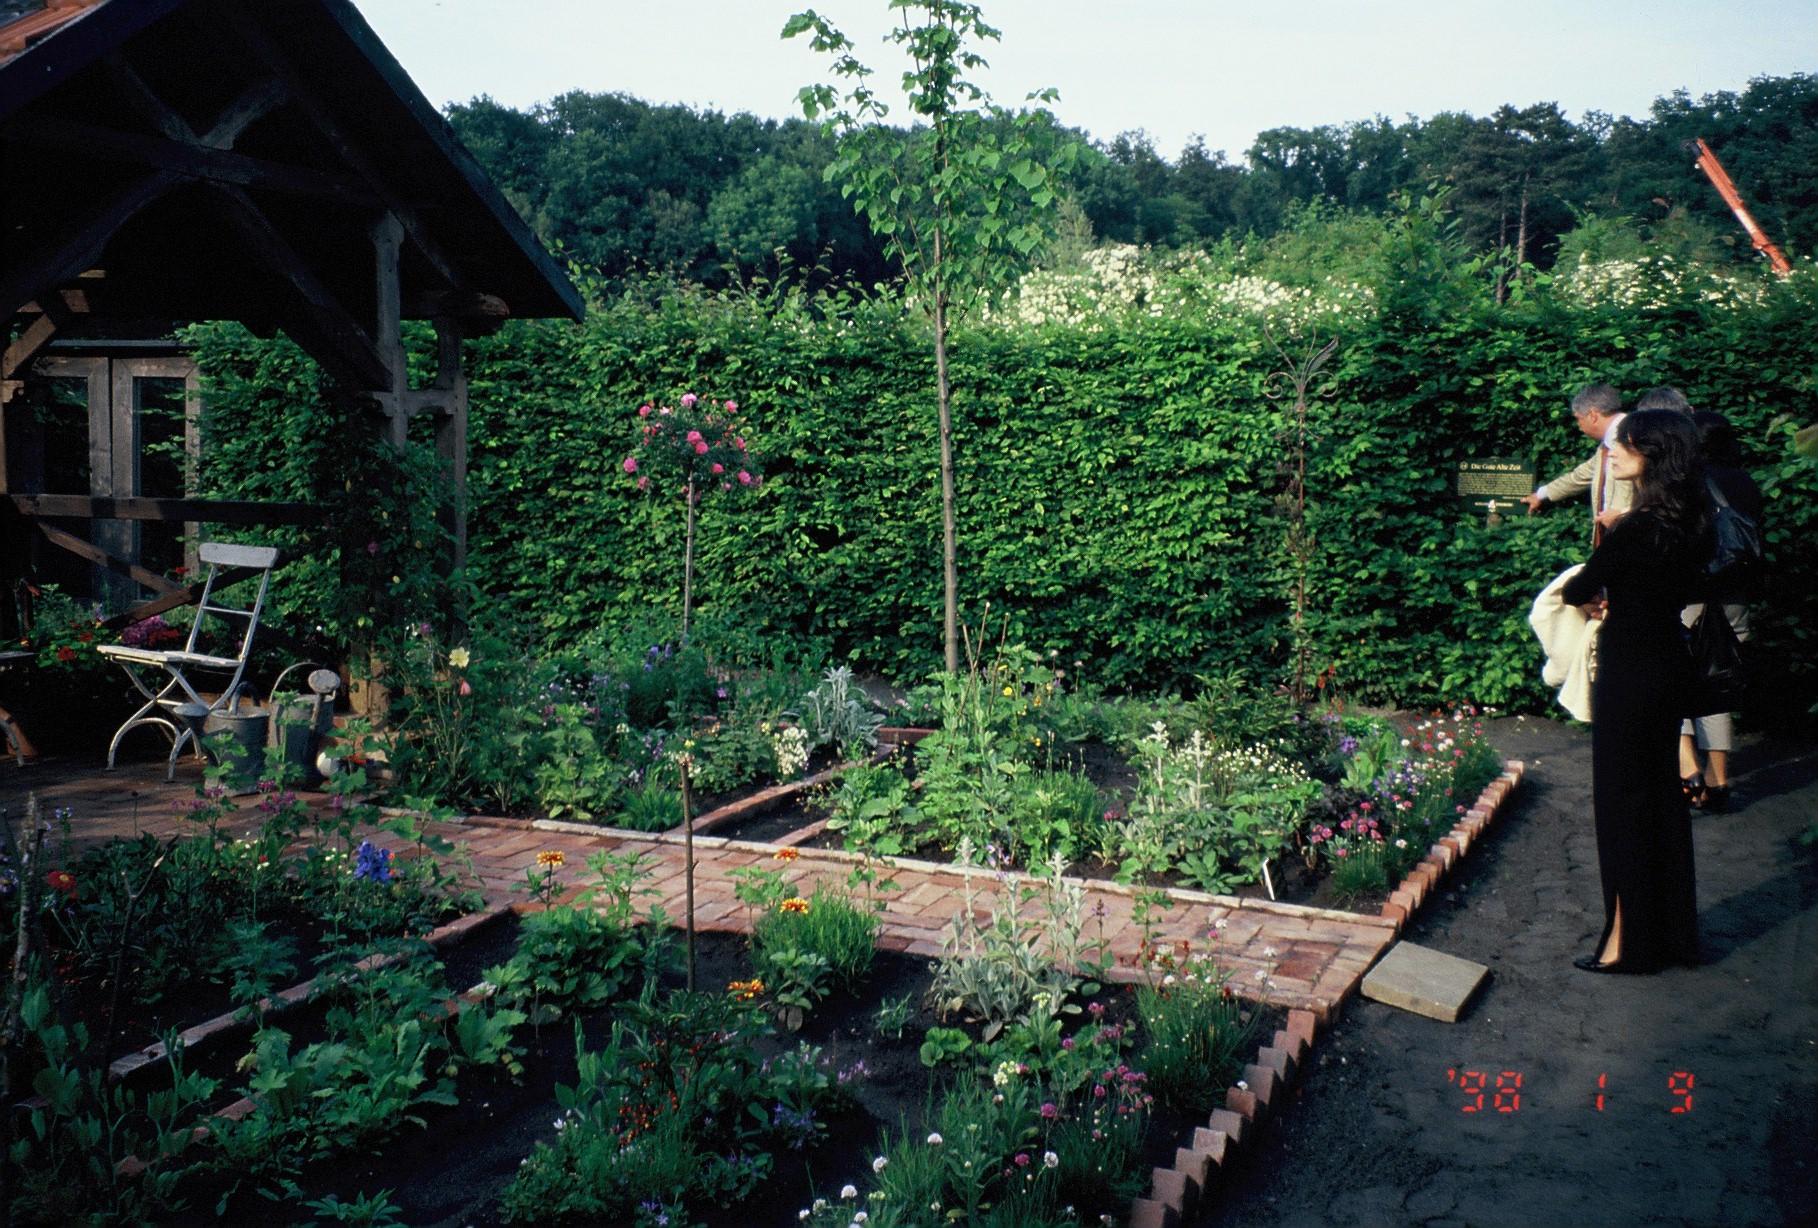 In Einigen Stadtteilen Gibt Es Bereits Die Ersten Besetzten Gärten. Die  Organisierten Baumschützer Gehören Inzwischen Zu Den Aktivsten  Bürgerinitiativlern ...